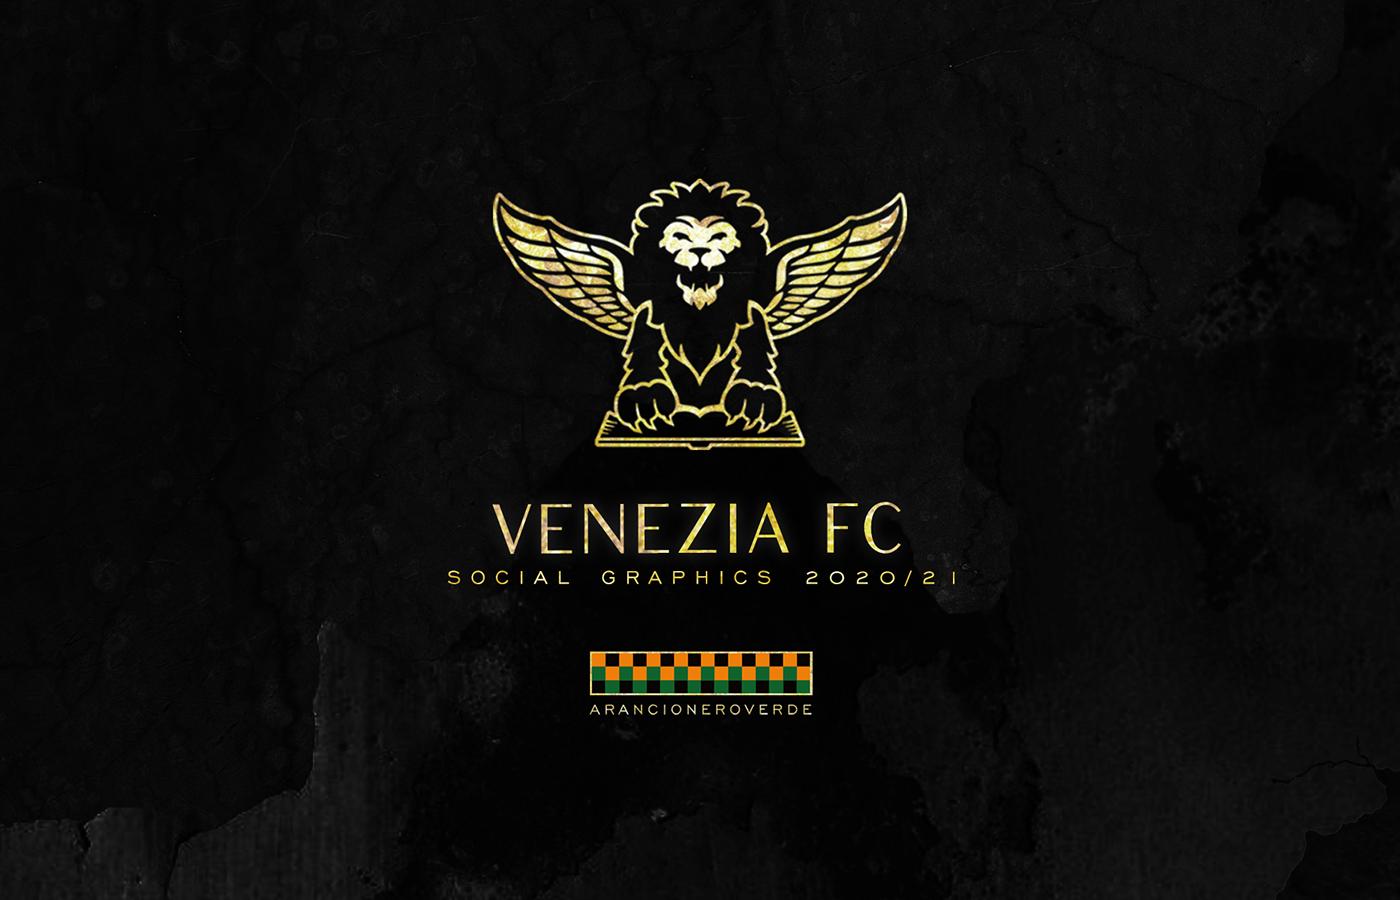 facebook football instagram Italy Serie A serie B soccer social media Social Media Graphics twitter